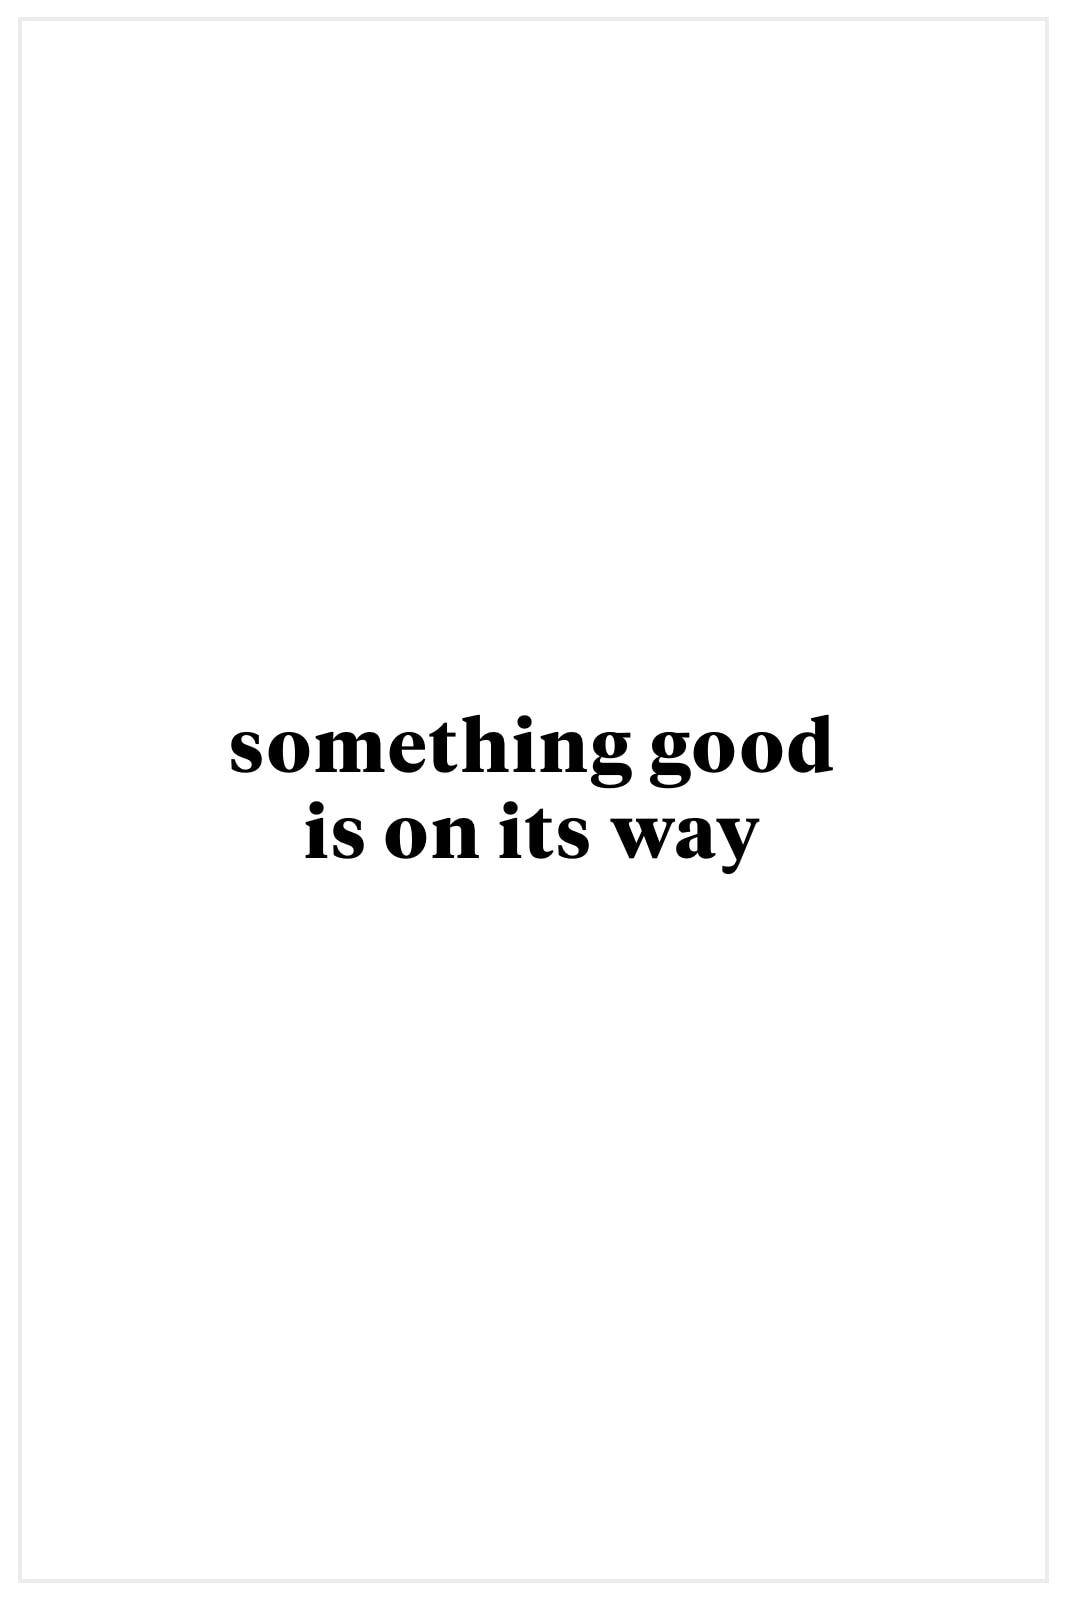 Bb dakota Fleece and Love Jacket